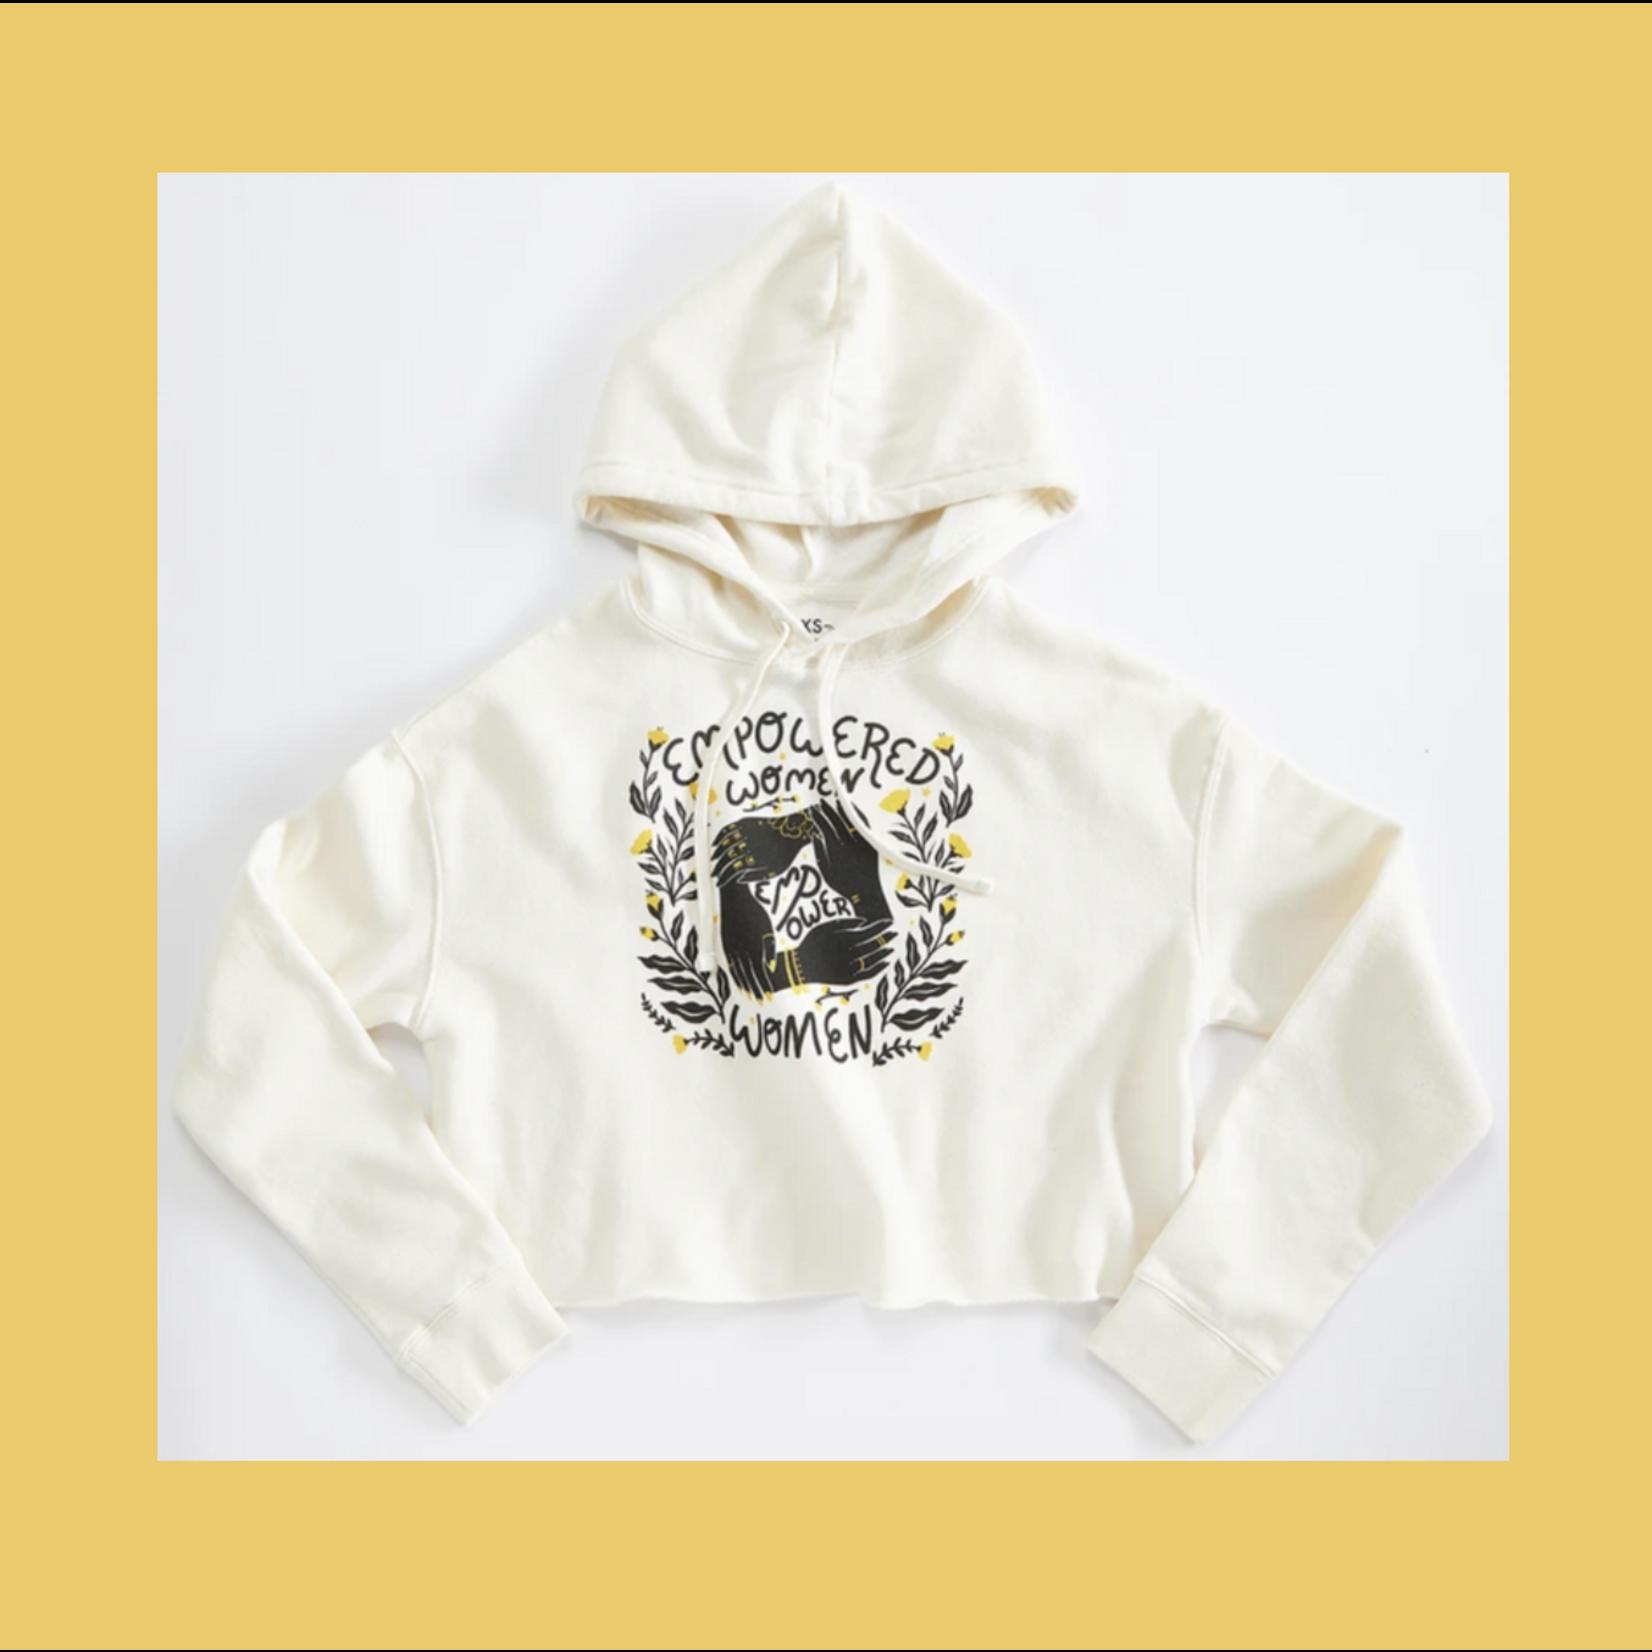 Orchard Street Apparel Empower Women Ivory (Ladies) Crop Sweatshirt